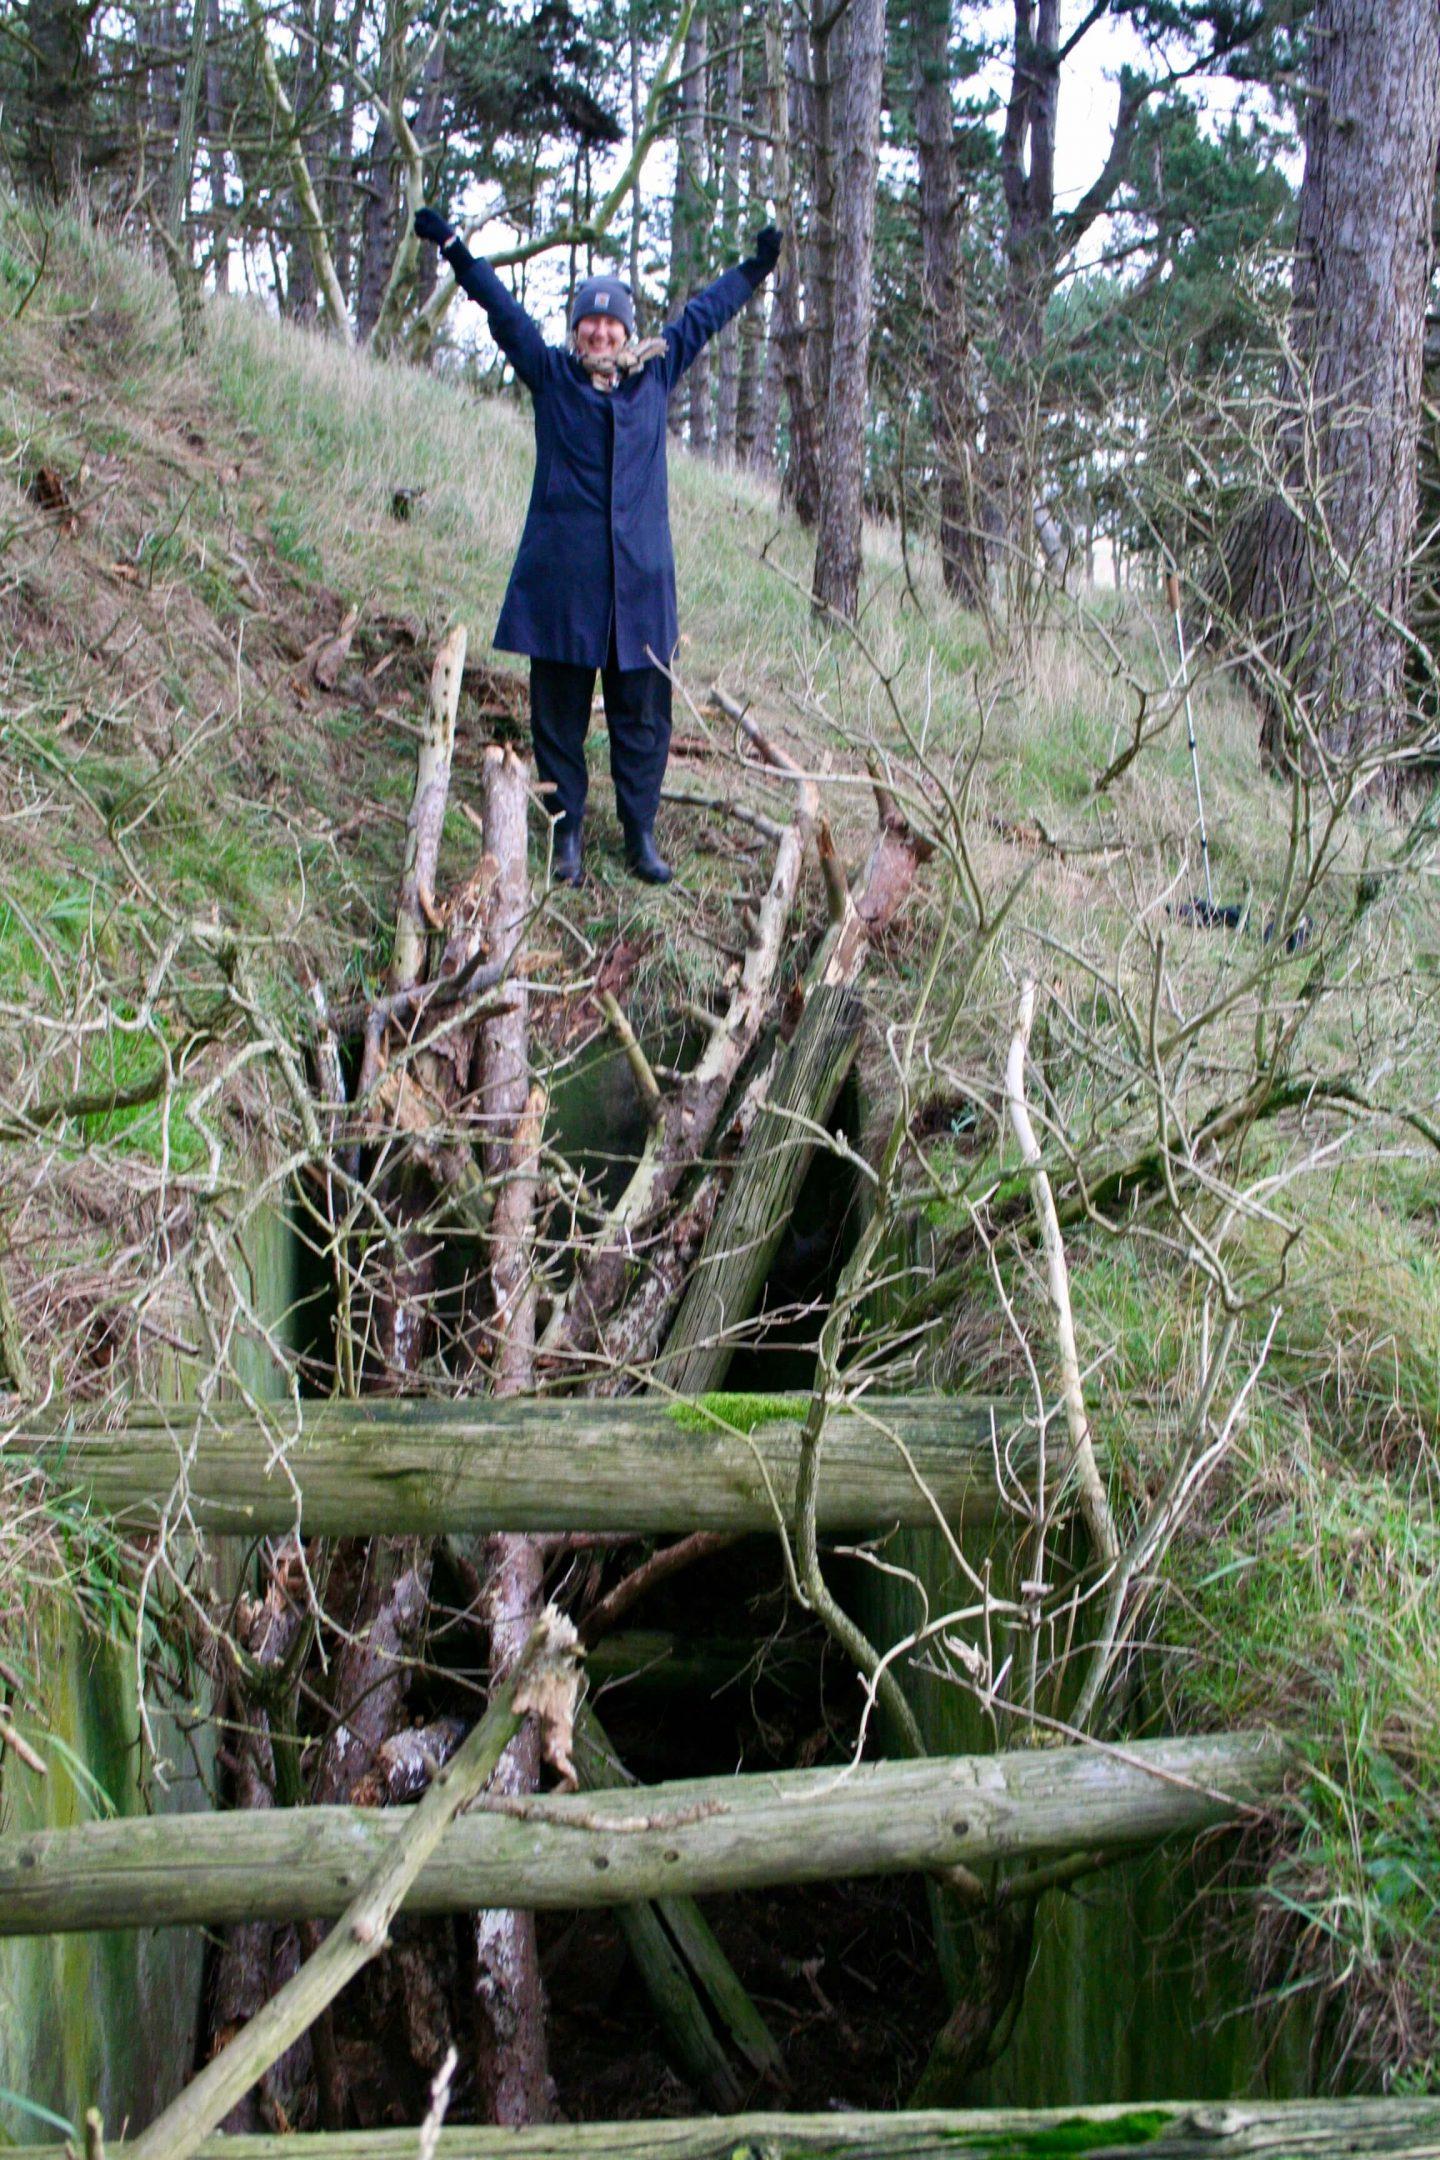 Mig foran hullet her til morgen. Grævlingen var kommet op via træstamme-stigen og jeg fejrede det med armene i vejret.